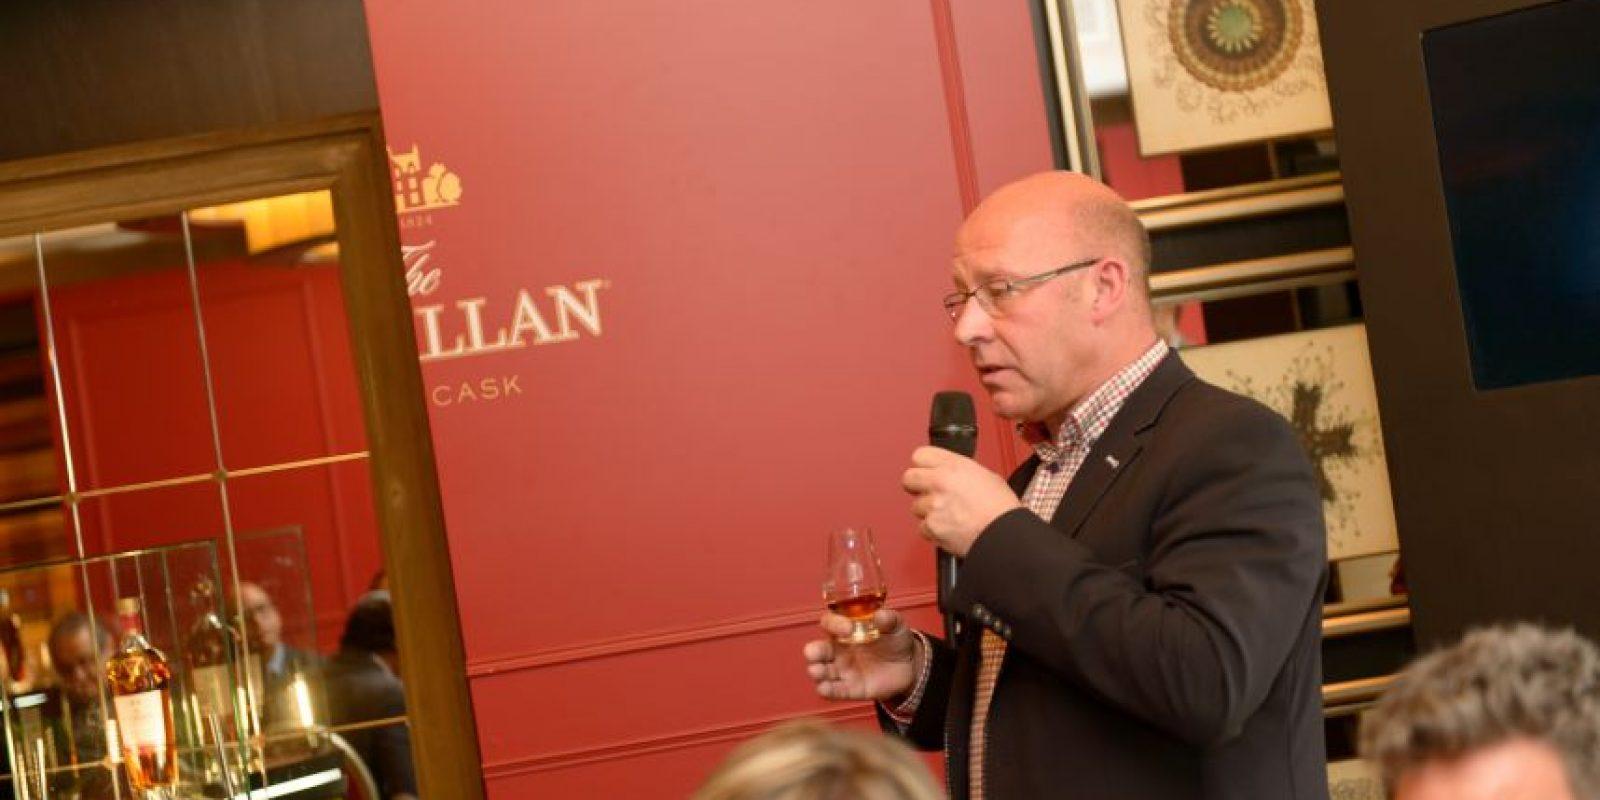 Stuart MacPherson, maestro de Madera de The Macallan. / Foto:MG PUBLIC RELATIONS